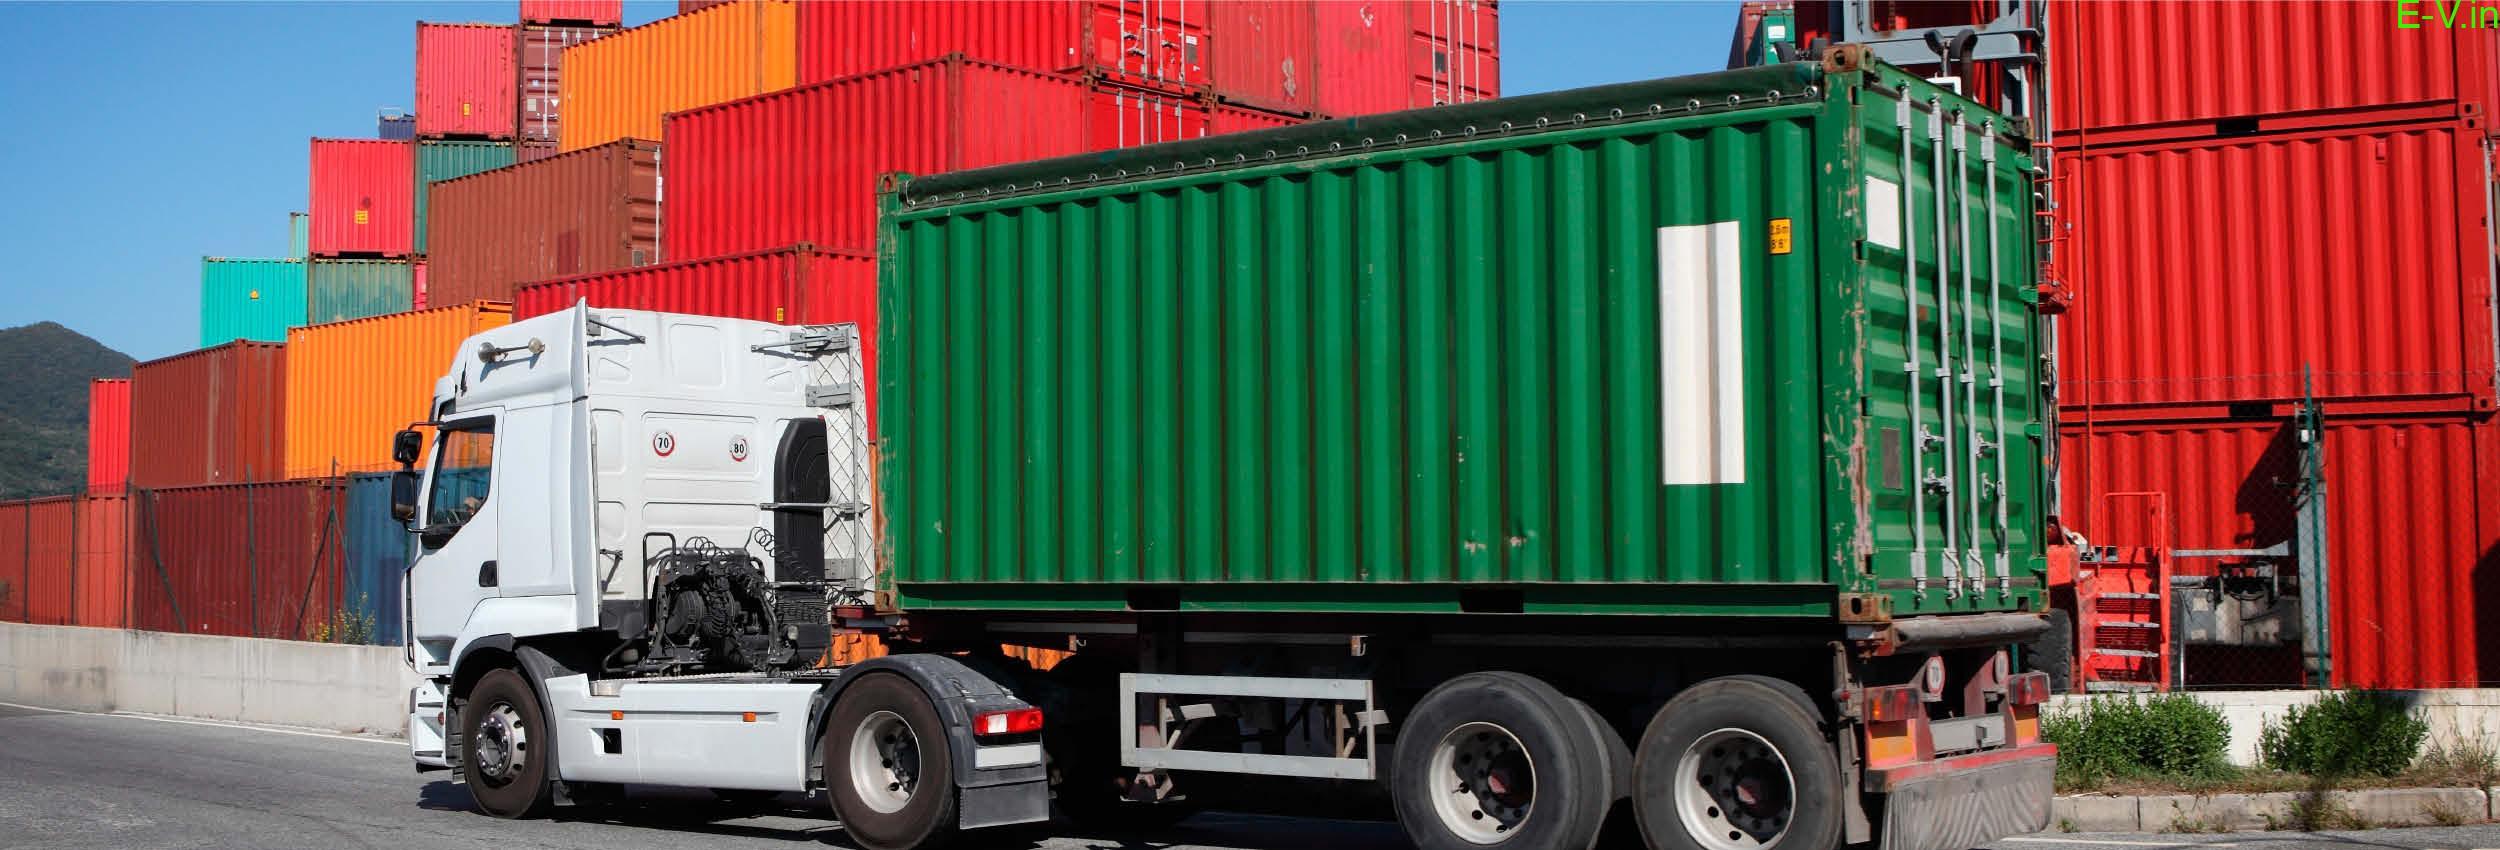 logistics vehicle